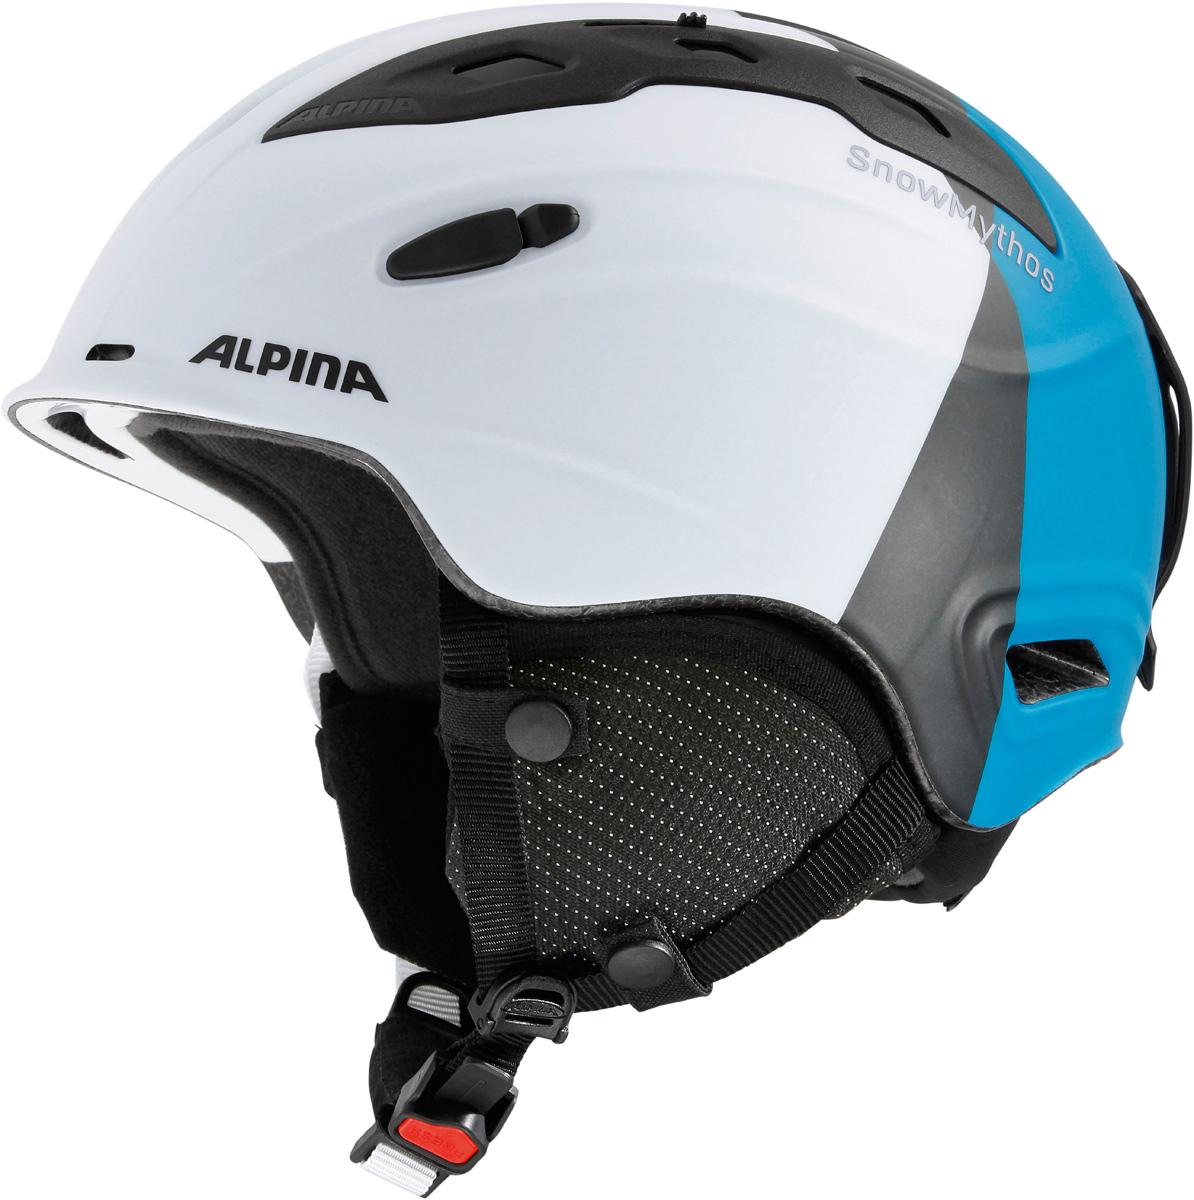 Шлем горнолыжный Alpina SNOW MYTHOS white-silver-blue matt. Размер 58-61A9062_16Экстремально легкая модель с прекрасными защитными свойствами. Для тех, ищет недорогую модель с клеймом «Сделано в Германии». Размеры: 52-62 см. Технологии:INMOLD TEC – технология соединения внутренней и внешней части шлема при помощи высокой температуры. Данный метод делает соединение исключительно прочным, а сам шлем легким. Такой метод соединения гораздо надежнее и безопаснее обычного склеивания.CERAMIC – особая технология производства внешней оболочки шлема. Используются легковесные материалы экстремально прочные и устойчивые к царапинам. Возможно использование при сильном УФ изучении, так же поверхность имеет антистатическое покрытие.RUN SYSTEM – простая система настройки шлема, позволяющая добиться надежной фиксации.AIRSTREAM CONTROL – регулируемые воздушные клапана для полного контроля внутренней вентиляции. REMOVABLE EARPADS - съемные амбушюры добавляют чувства свободы во время катания в теплую погоду, не в ущерб безопасности. При падении температуры, амбушюры легко устанавливаются обратно на шлем.CHANGEABLE INTERIOR – съемная внутренняя часть. Допускается стирка в теплой мыльной воде.NECKWARMER – дополнительное утепление шеи. Изготовлено из мягкого флиса. 3D FIT – ремень, позволяющий регулироваться затылочную часть шлема. Пять позиций позволят настроить идеальную посадку.